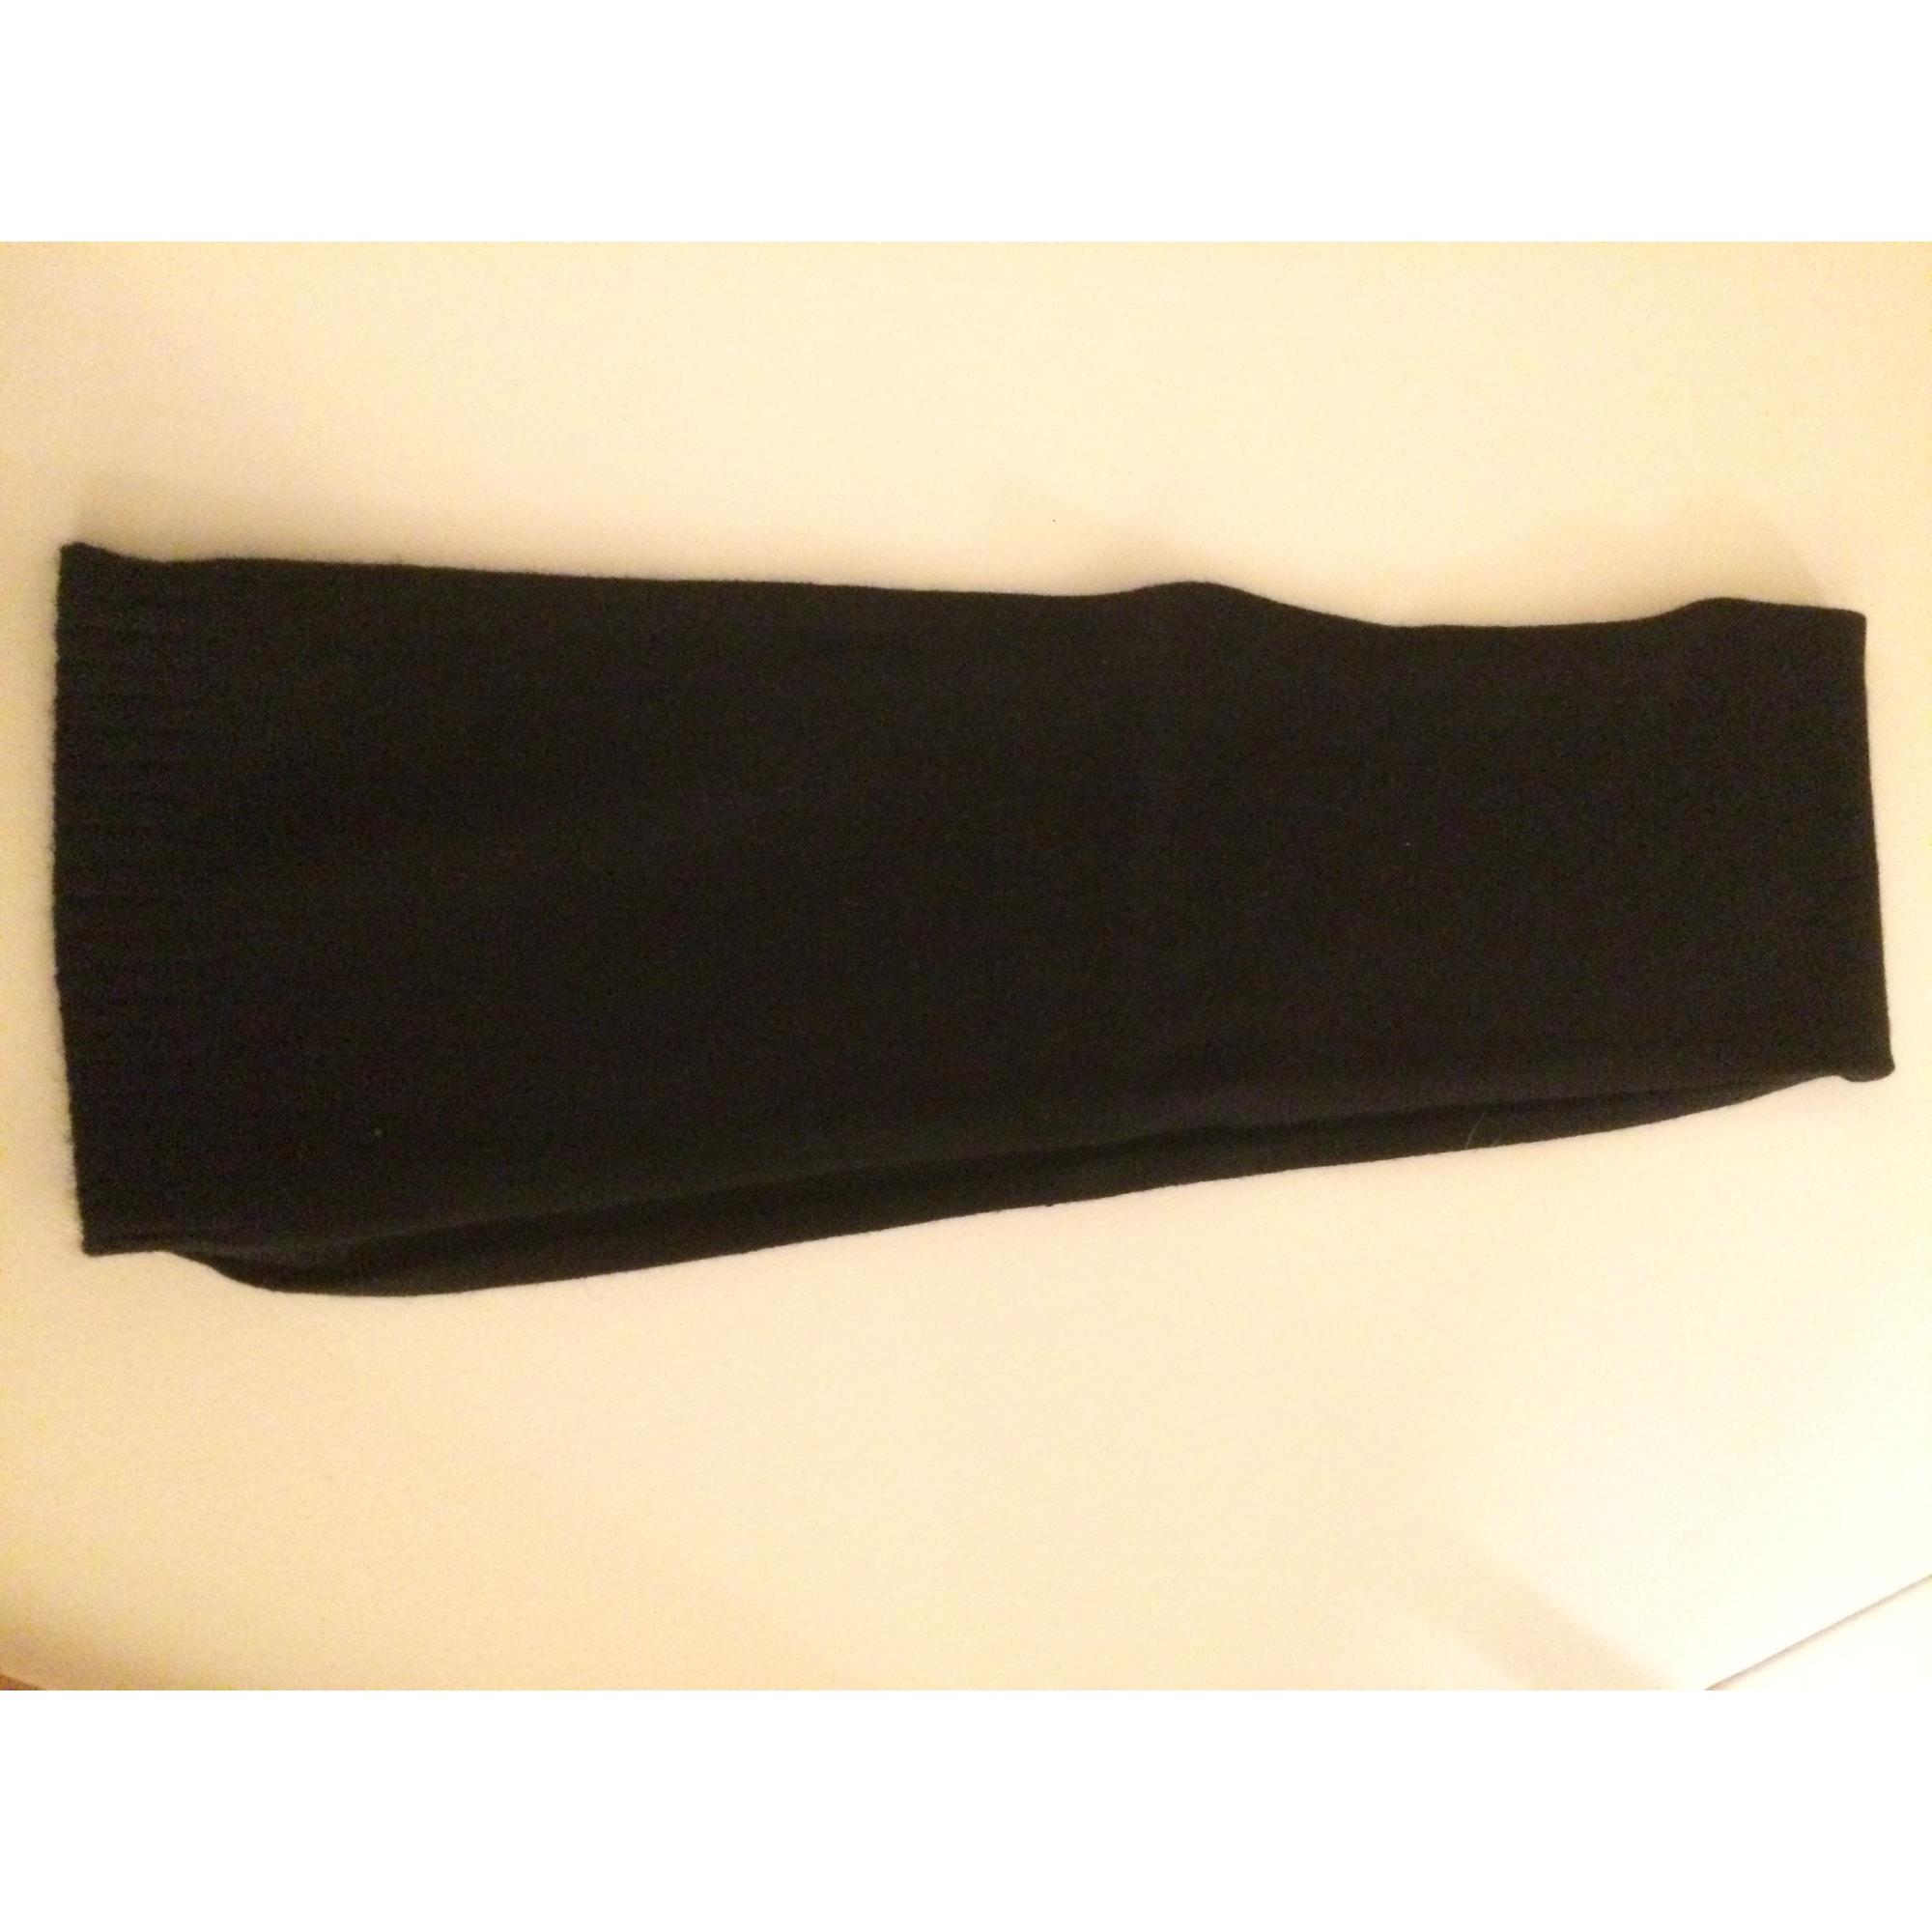 Echarpe ERIC BOMPARD noir vendu par Stephanie 2 2 2224989 - 7220631 ebf3f6741b9